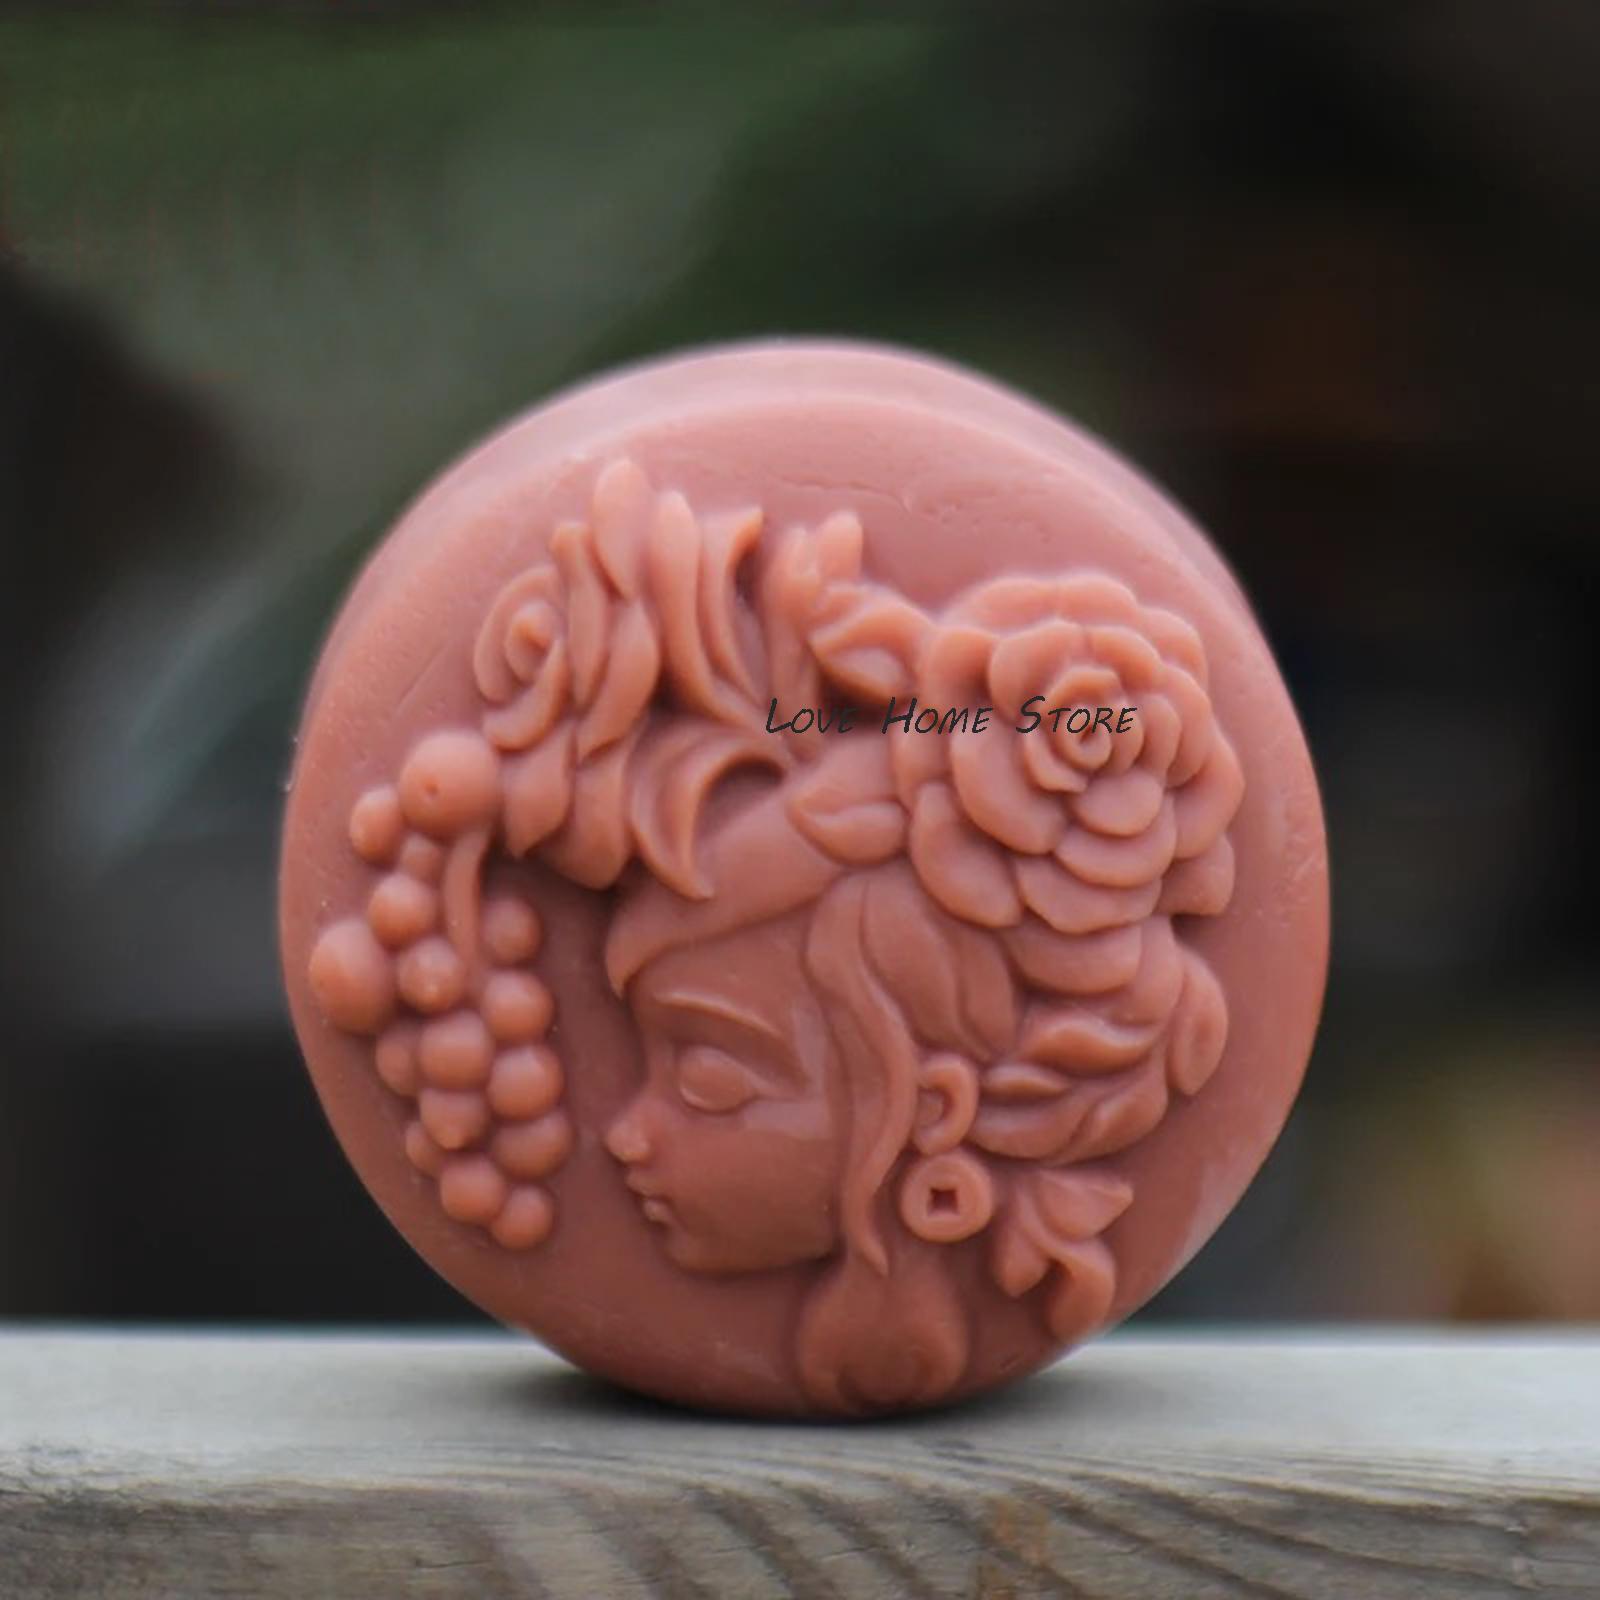 3D RAISIN fille moule en silicone de forme ovale forme douce bonbons outil de décoration moule de savon au chocolat de la crème glacée de gâteau d'anniversaire du sucre